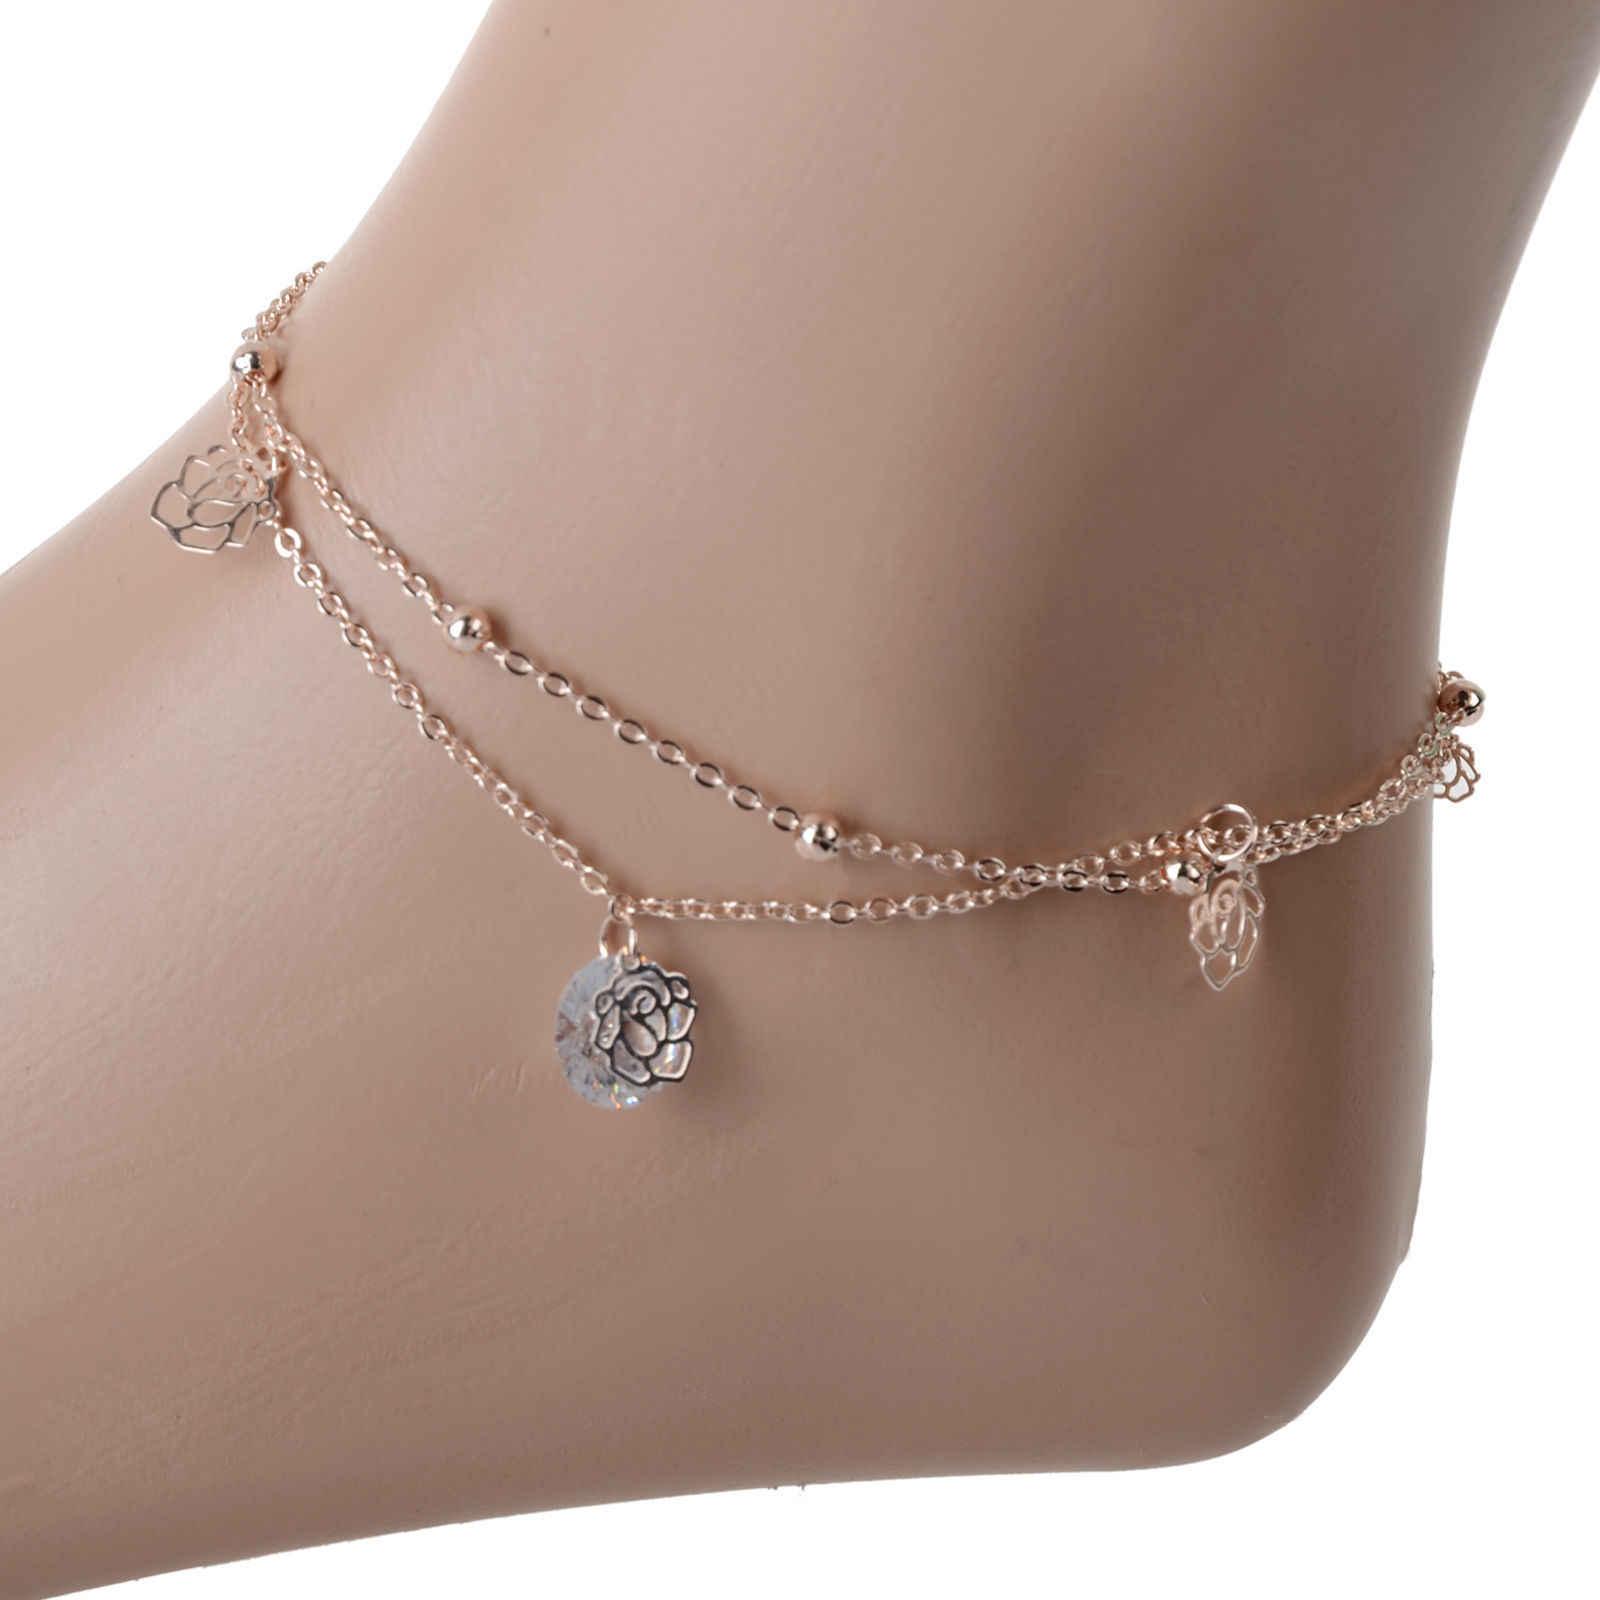 เซ็กซี่ชายหาดAnkletsจี้คริสตัลR Hinestoneกลวงออกโรสสร้อยข้อมือข้อเท้าเครื่องประดับเท้าAnkletsอุปกรณ์เท้าสำหรับผู้หญิง